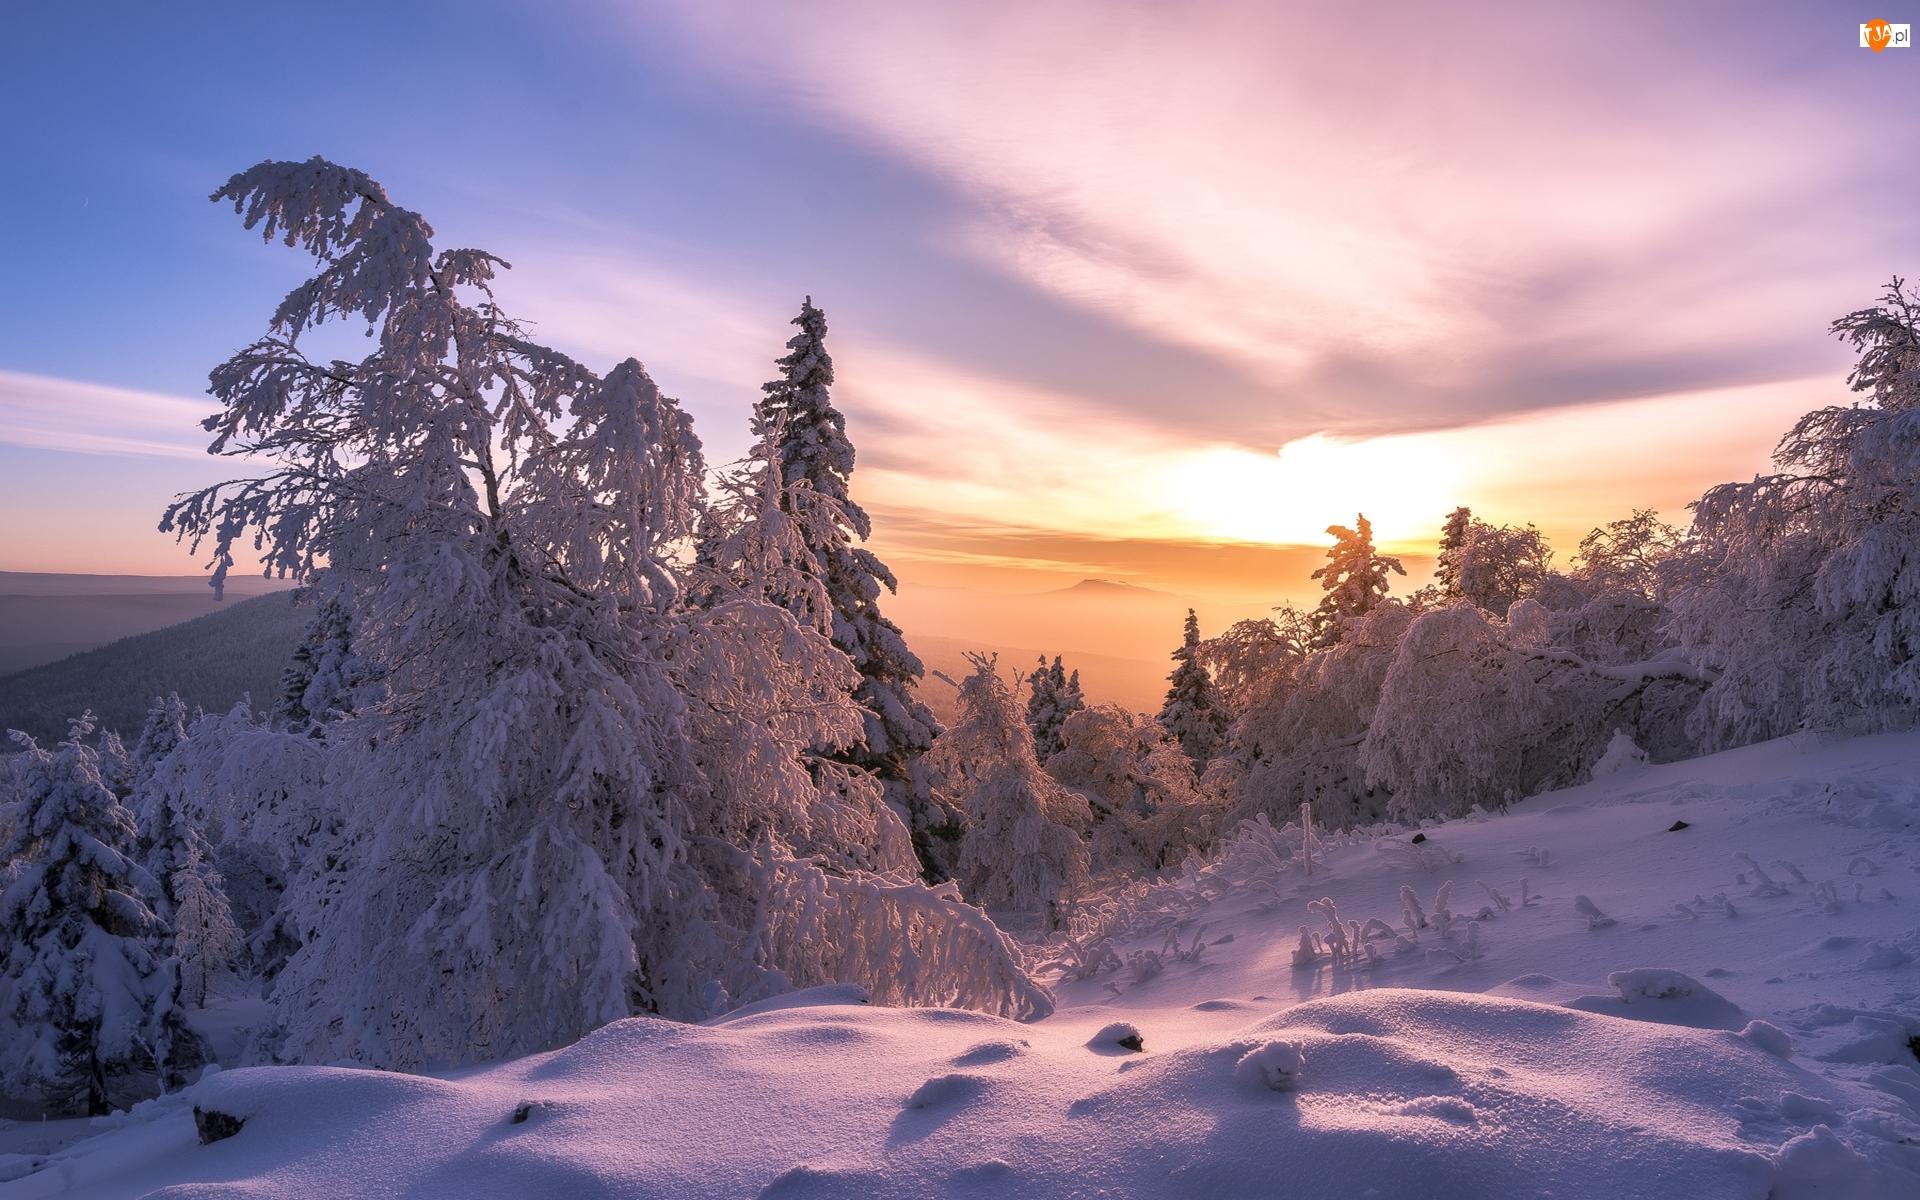 Góry, Zima, Ośnieżone, Wschód słońca, Las, Drzewa